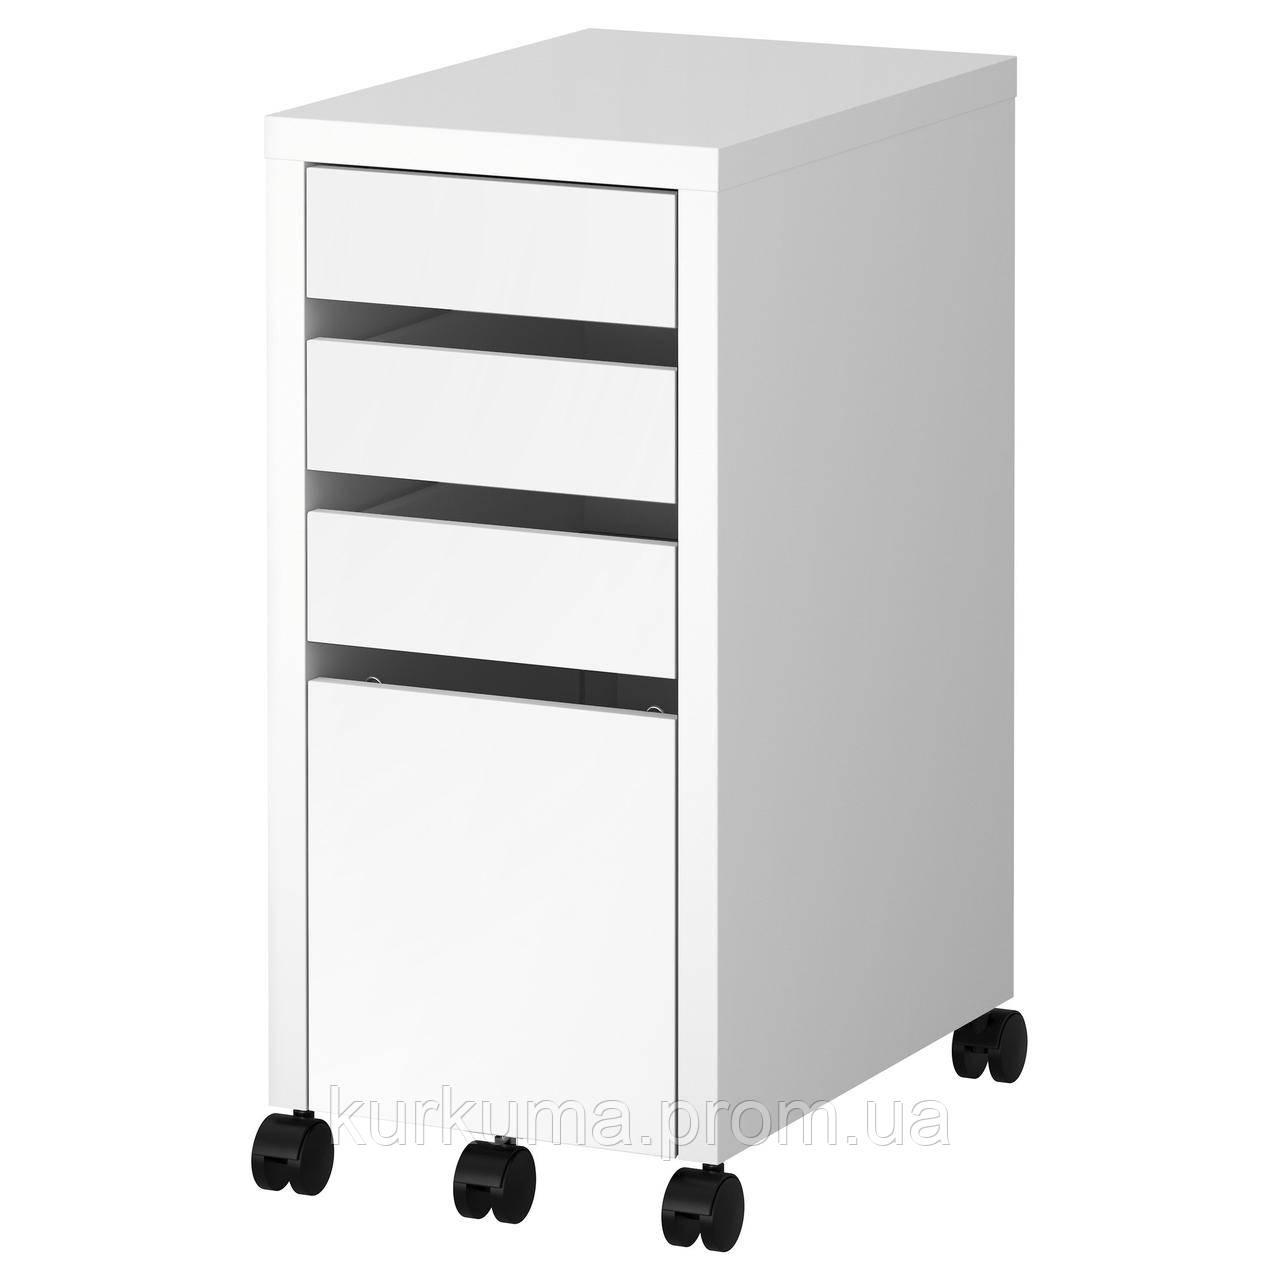 IKEA MICKE Комод с контейнером для документов, белый, 35x75 см (502.130.80)